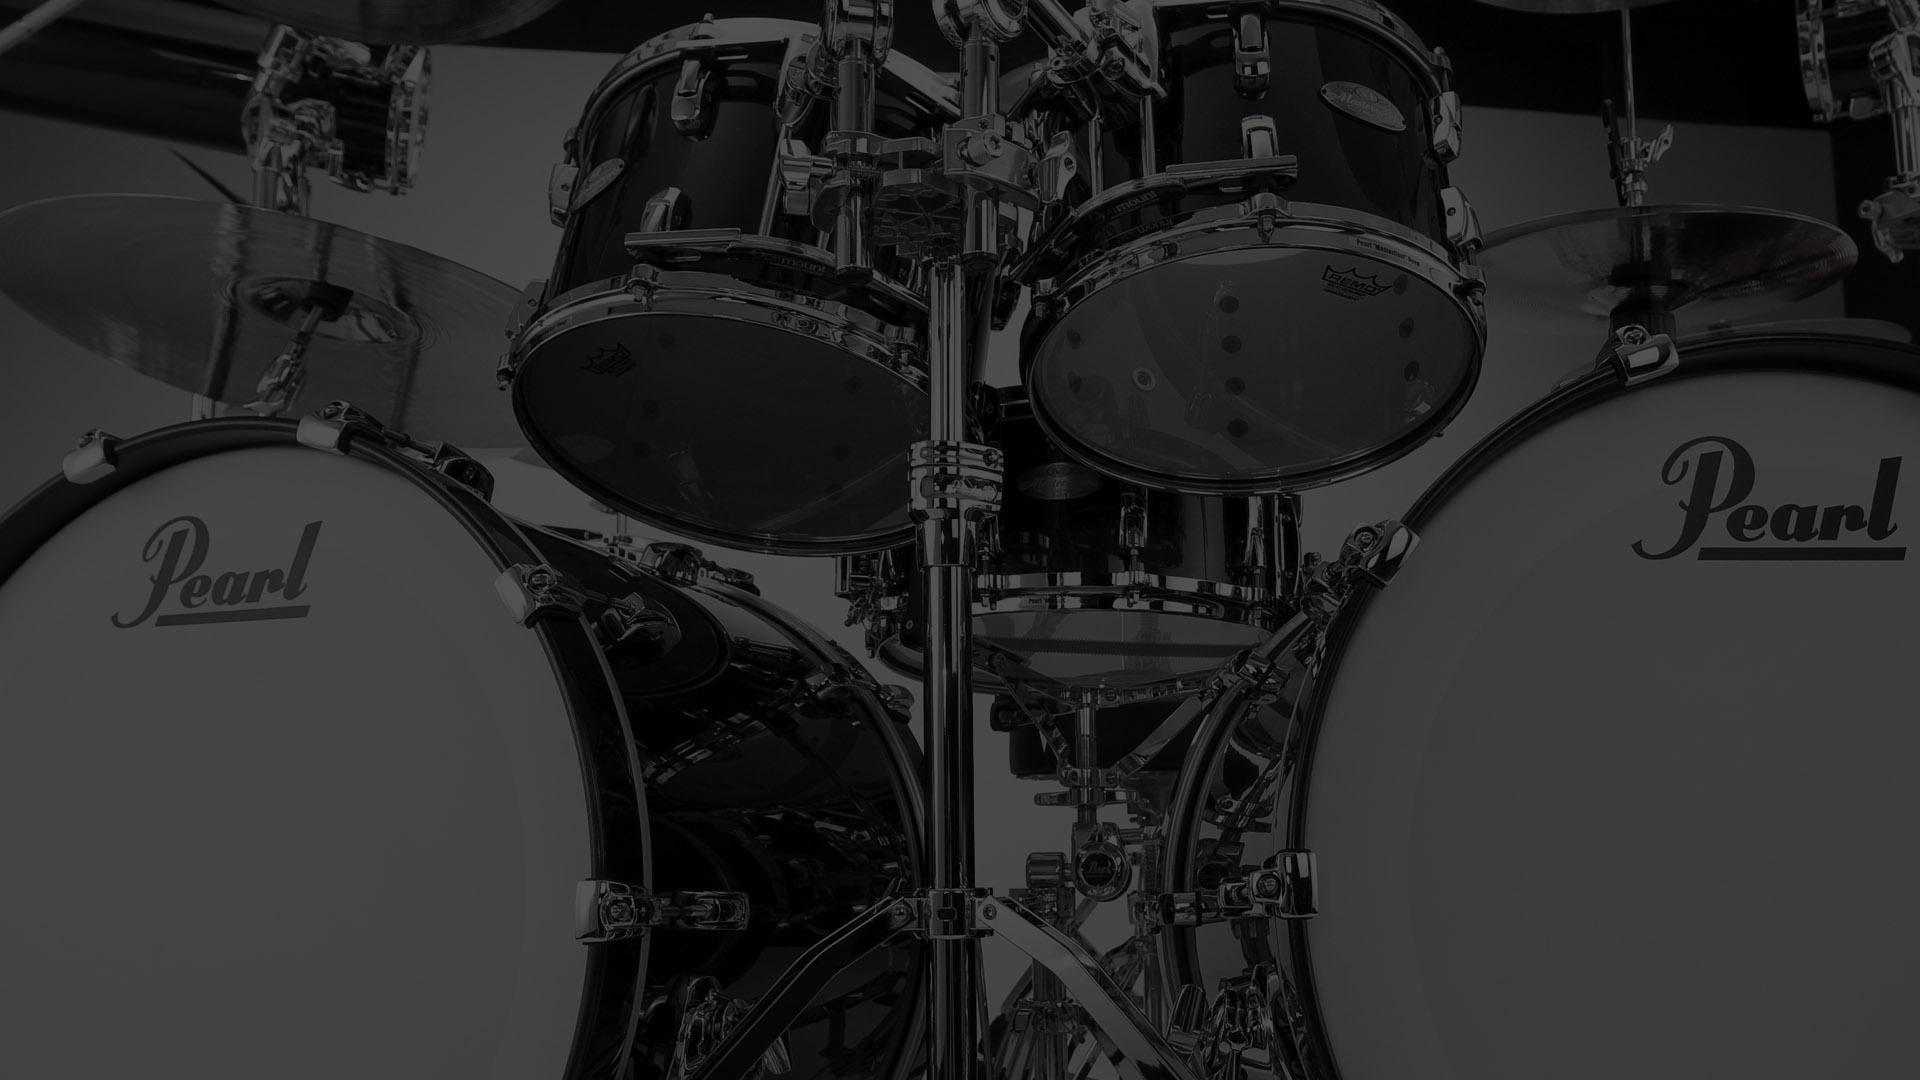 Pearl Drums 1920x1080